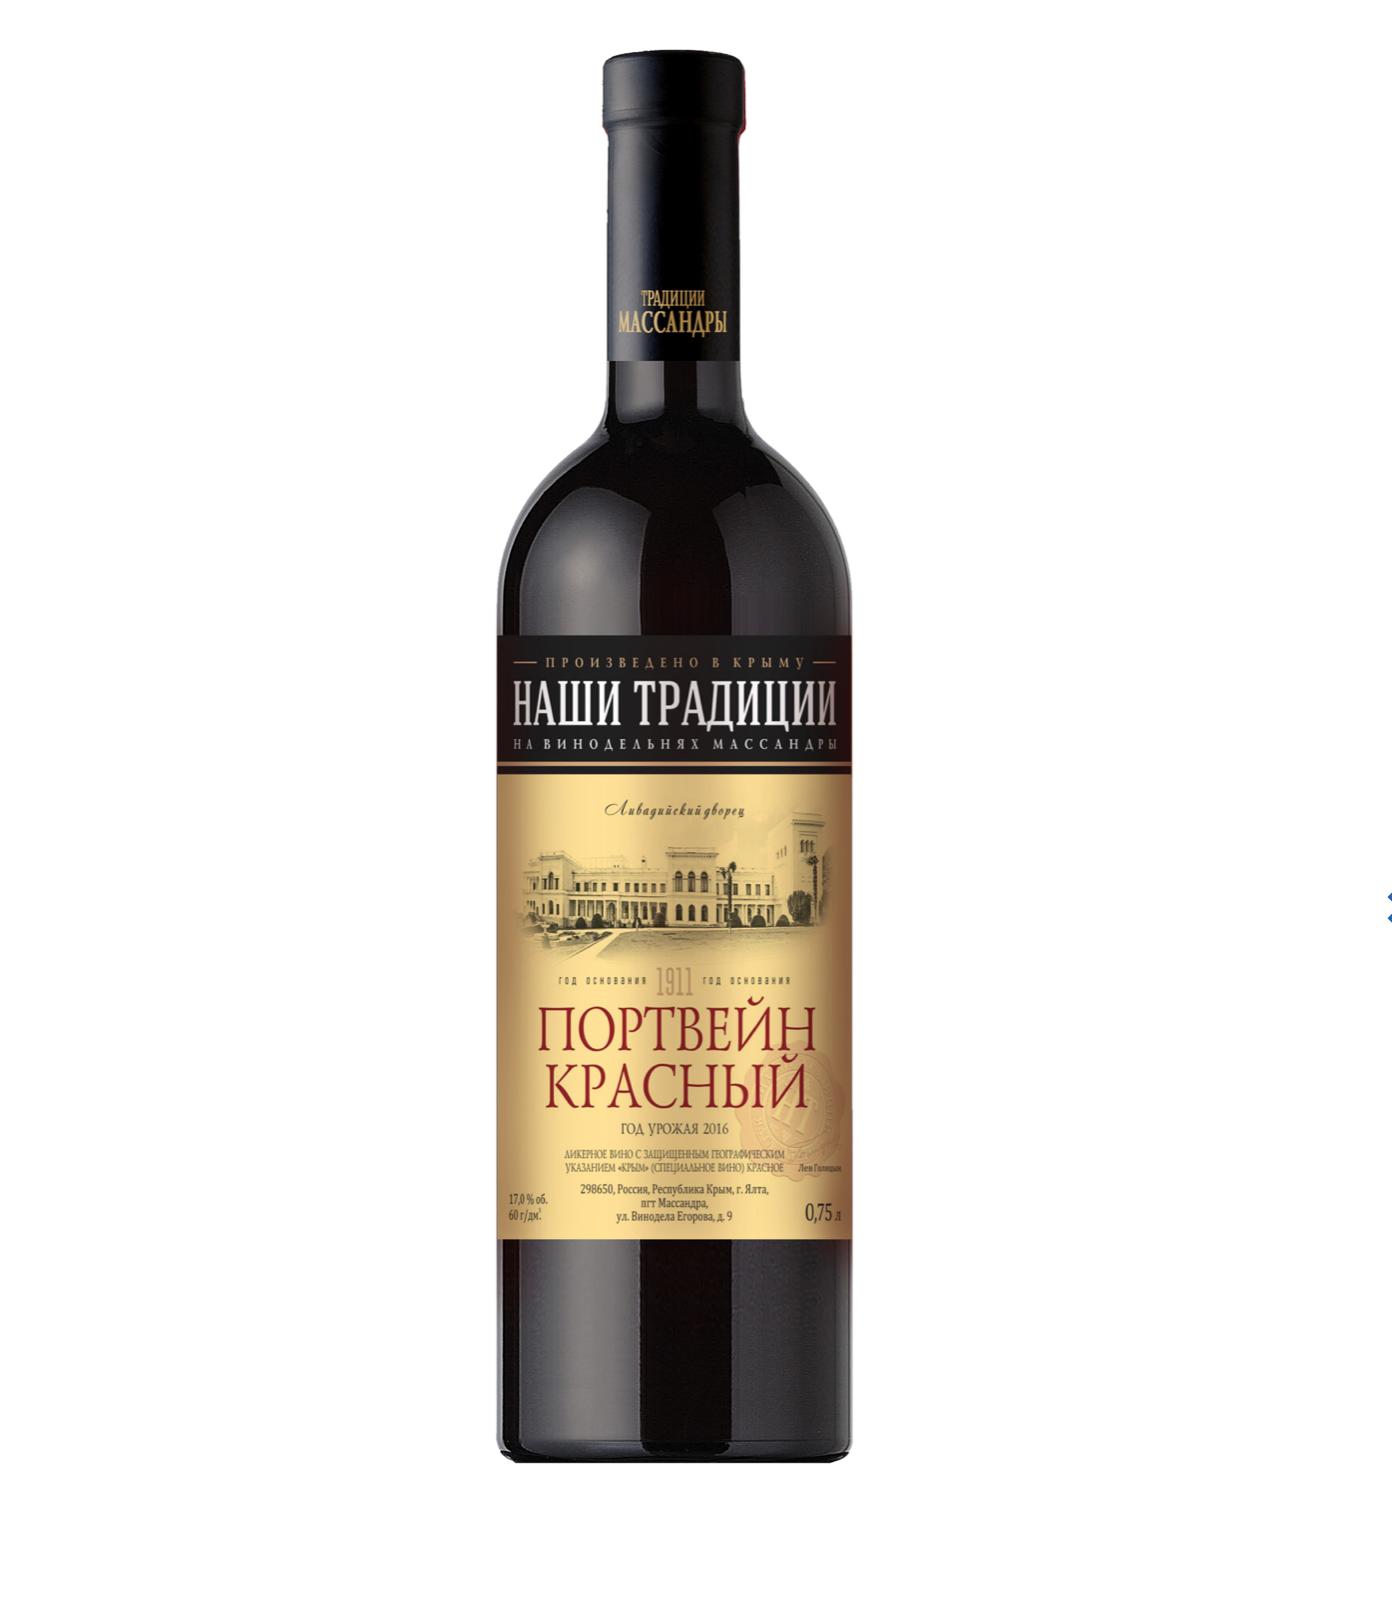 Вино ликерное «Портвейн красный  » наши традиции  0,75 л